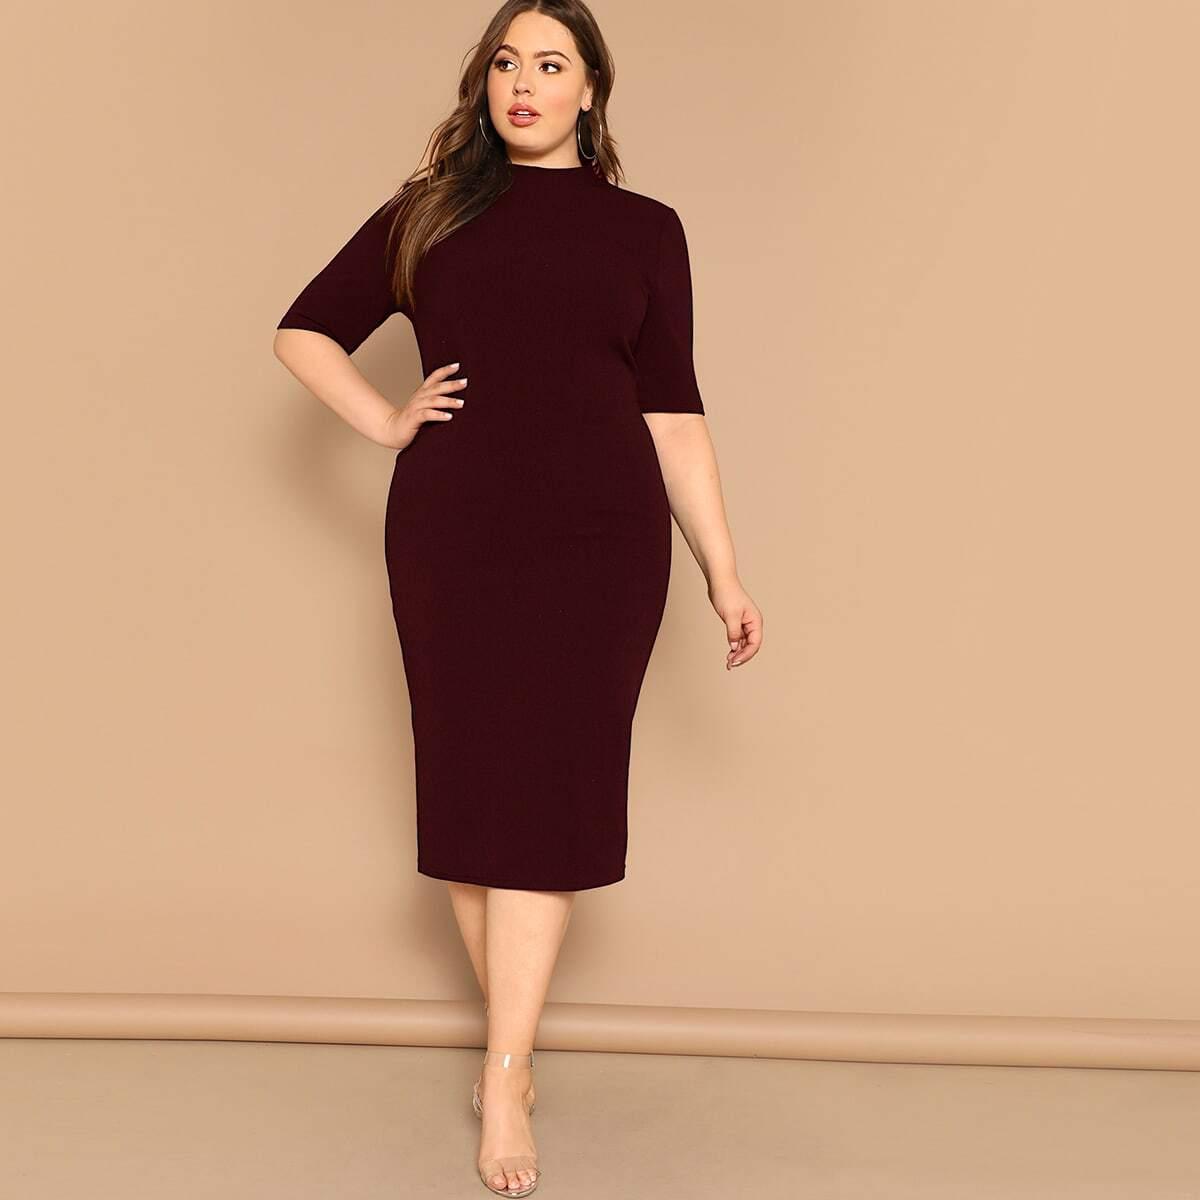 Однотонное платье-карандаш размера плюс с воротником-стойка